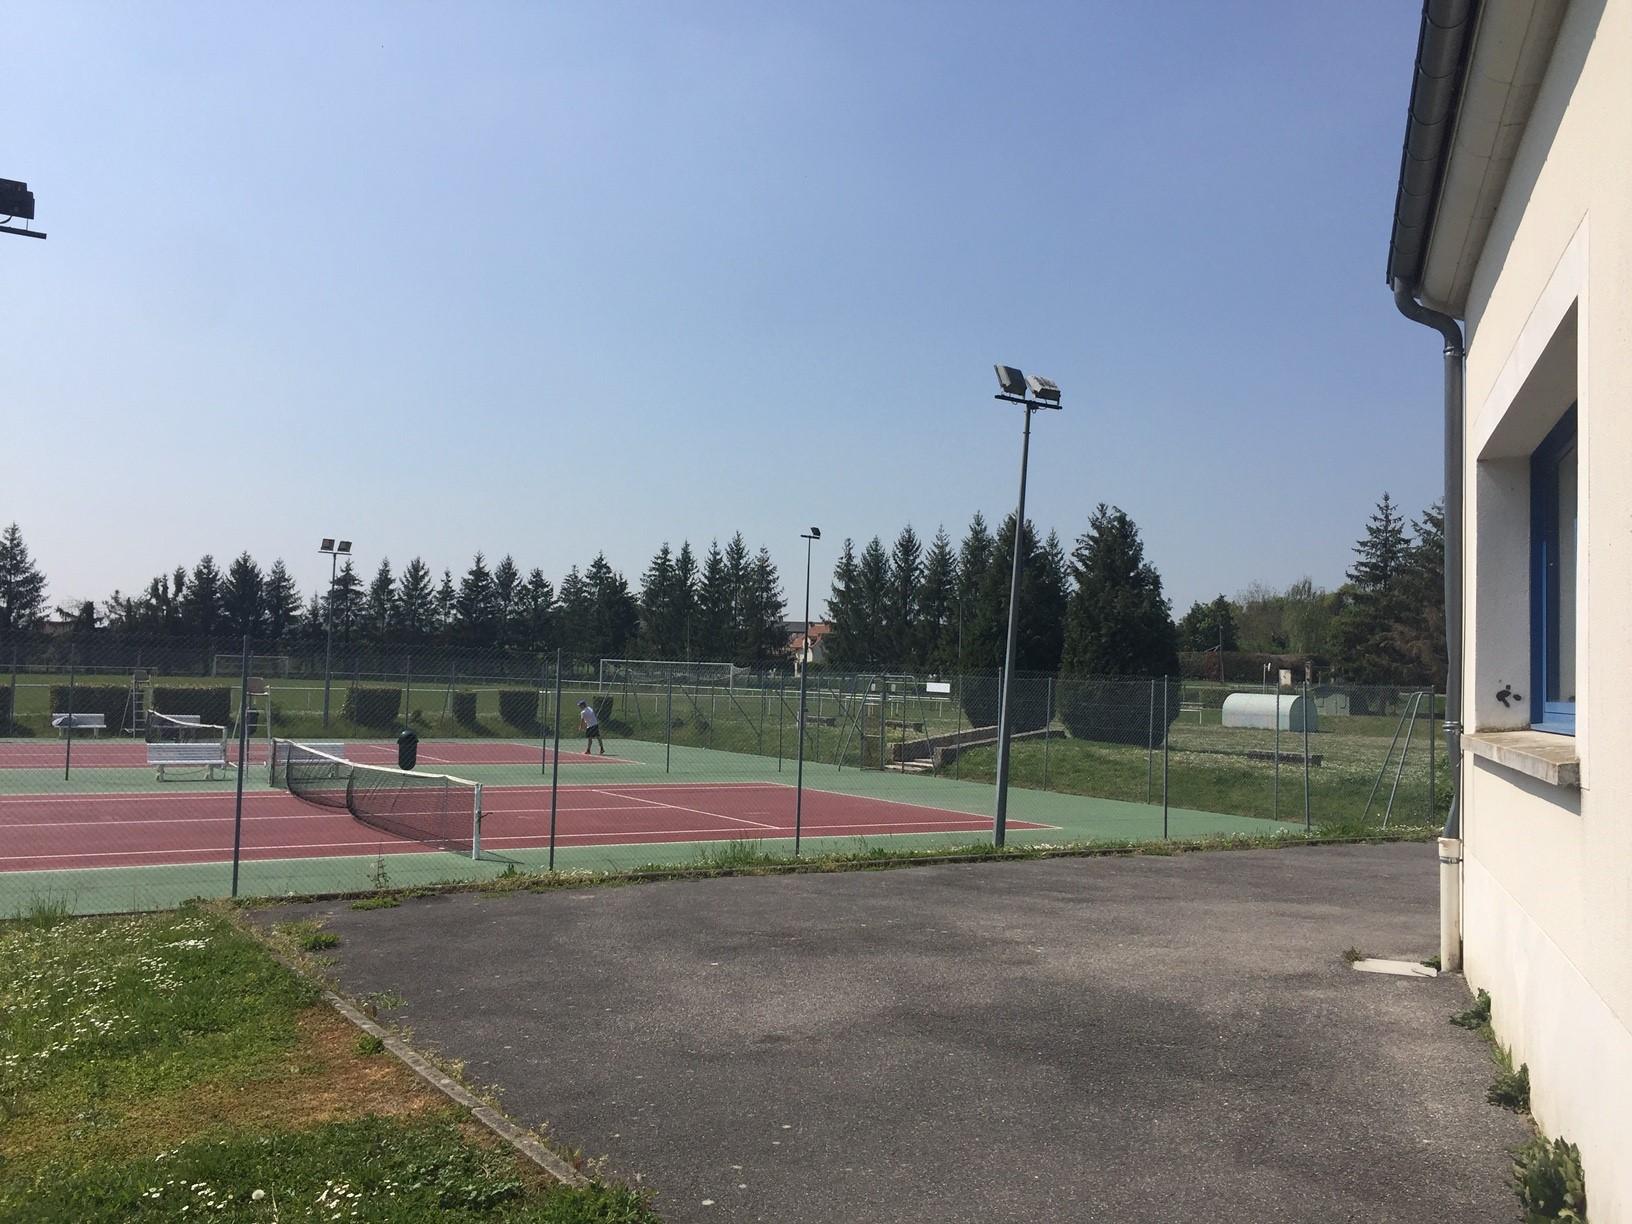 Maison des sports vue tennis.jpg